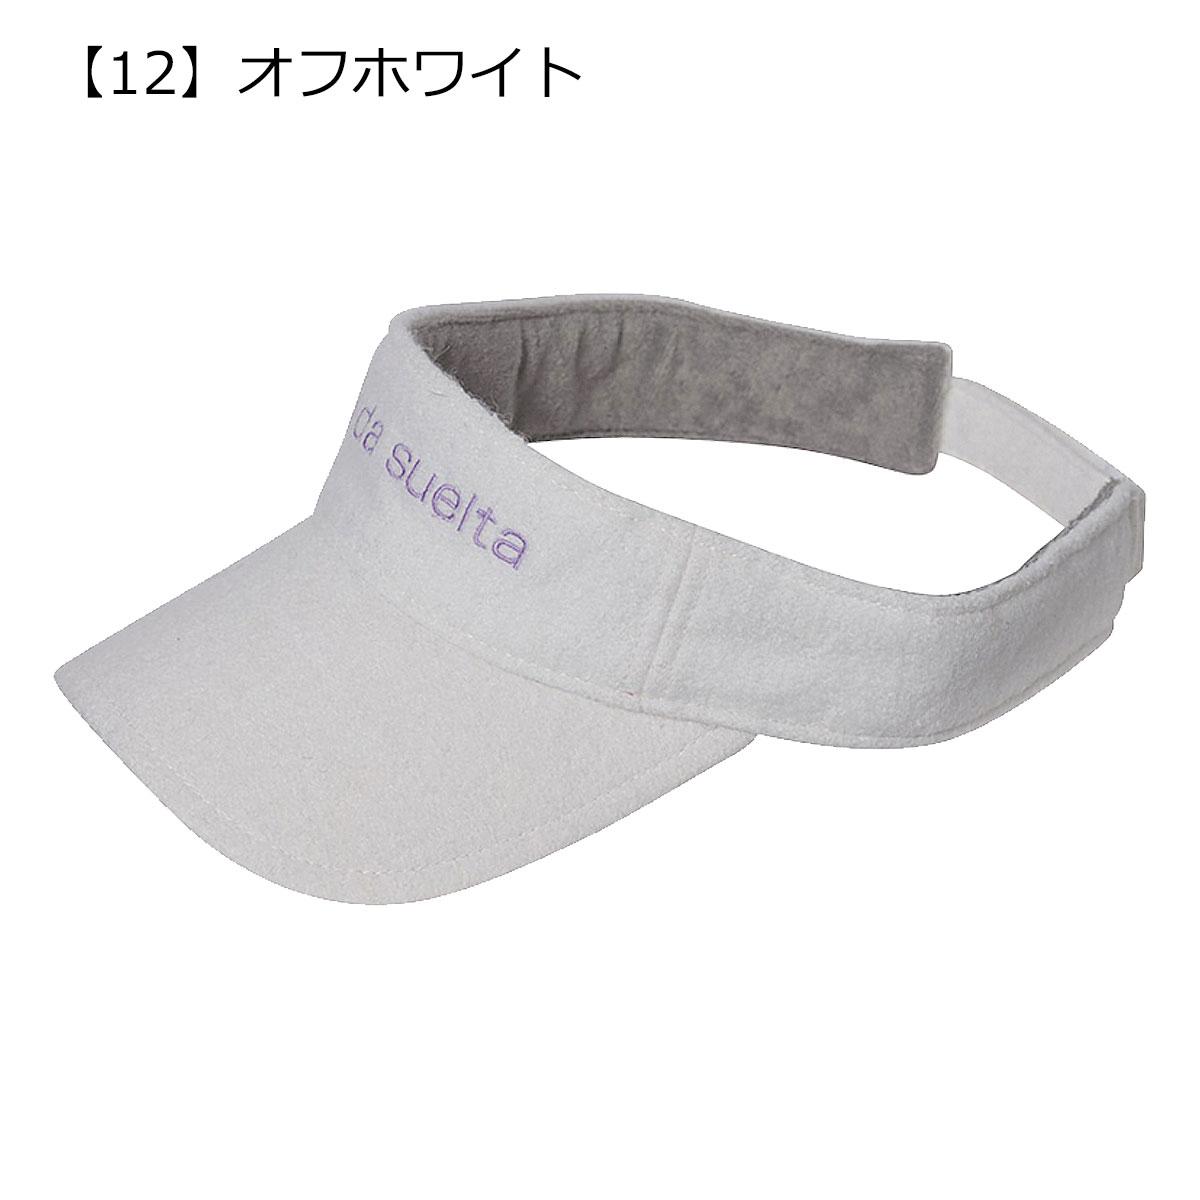 【12】オフホワイト